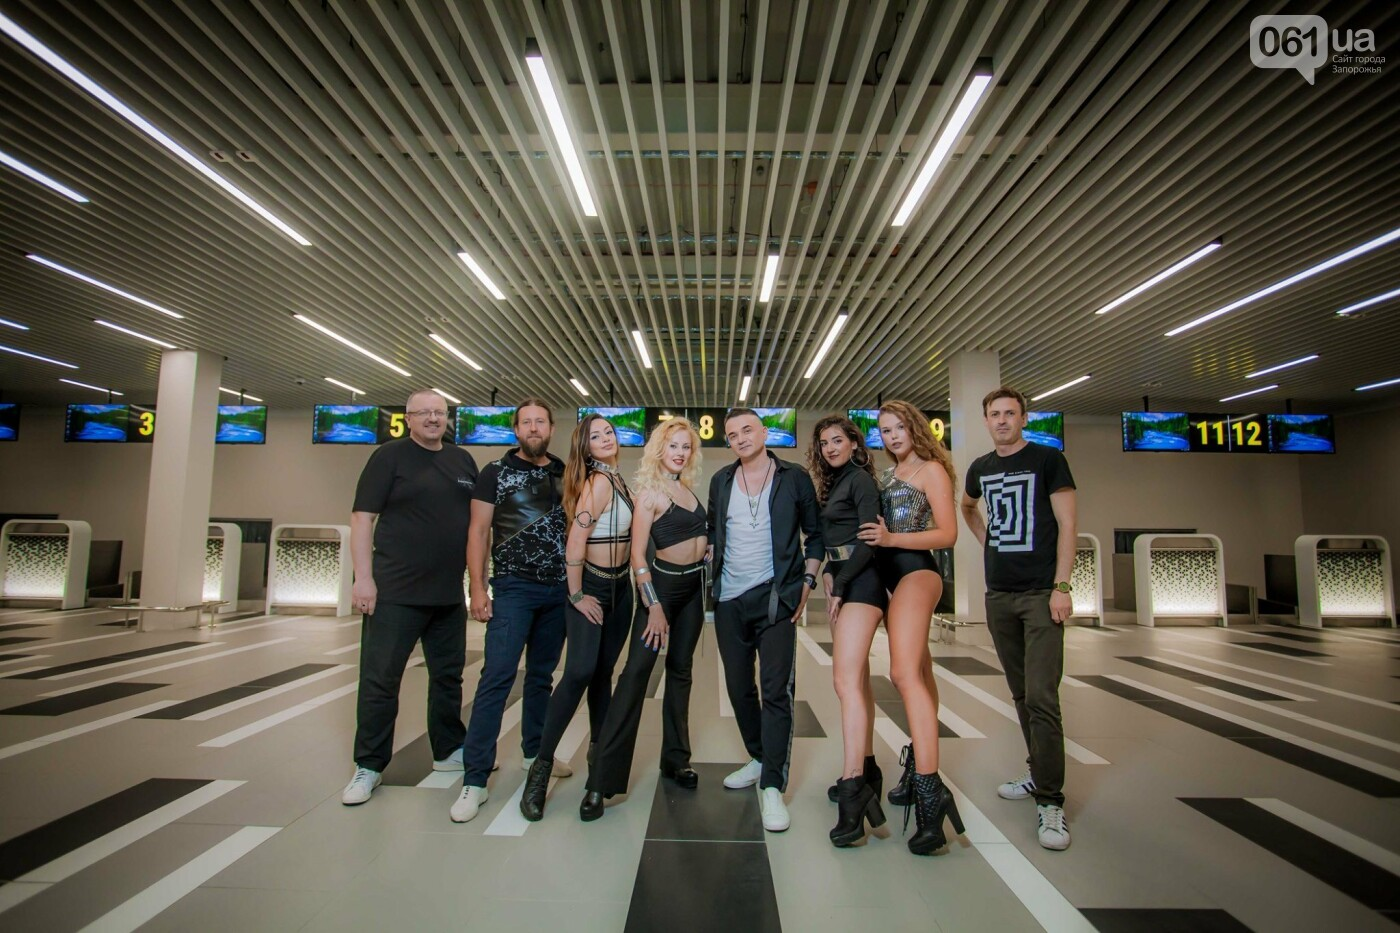 В новом терминале запорожского аэропорта сняли музыкальный клип , фото-1